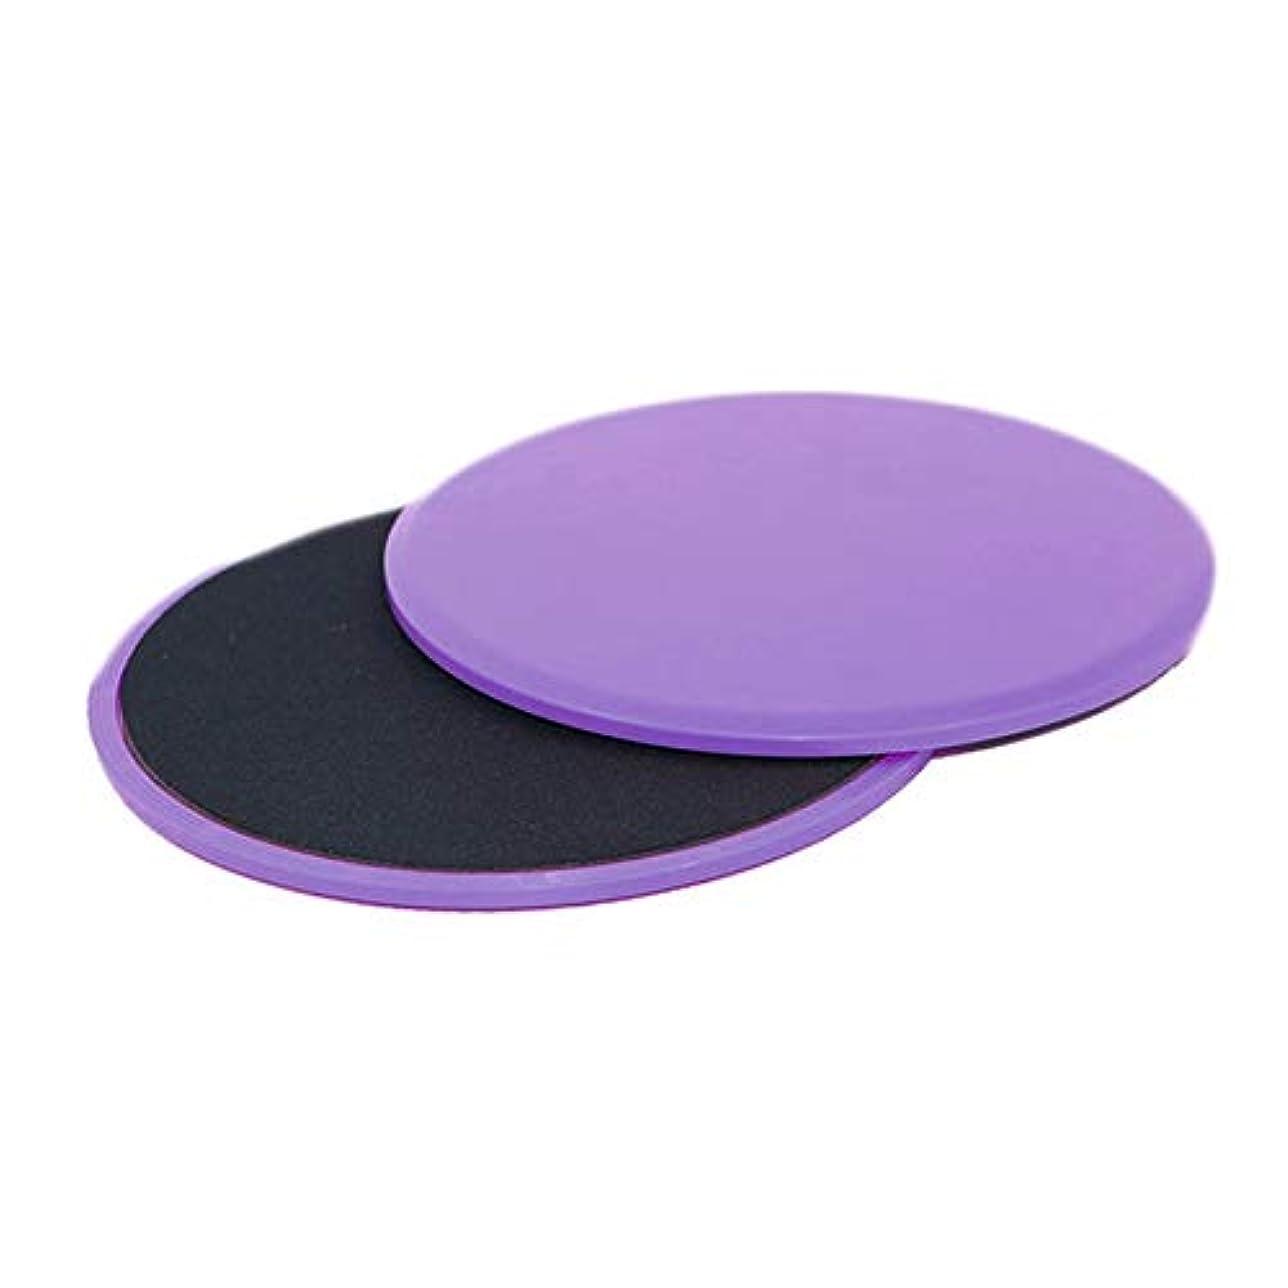 環境に優しい掻くスチールフィットネススライドグライダーディスク調整能力フィットネスエクササイズスライダーコアトレーニング腹部および全身トレーニング-パープル